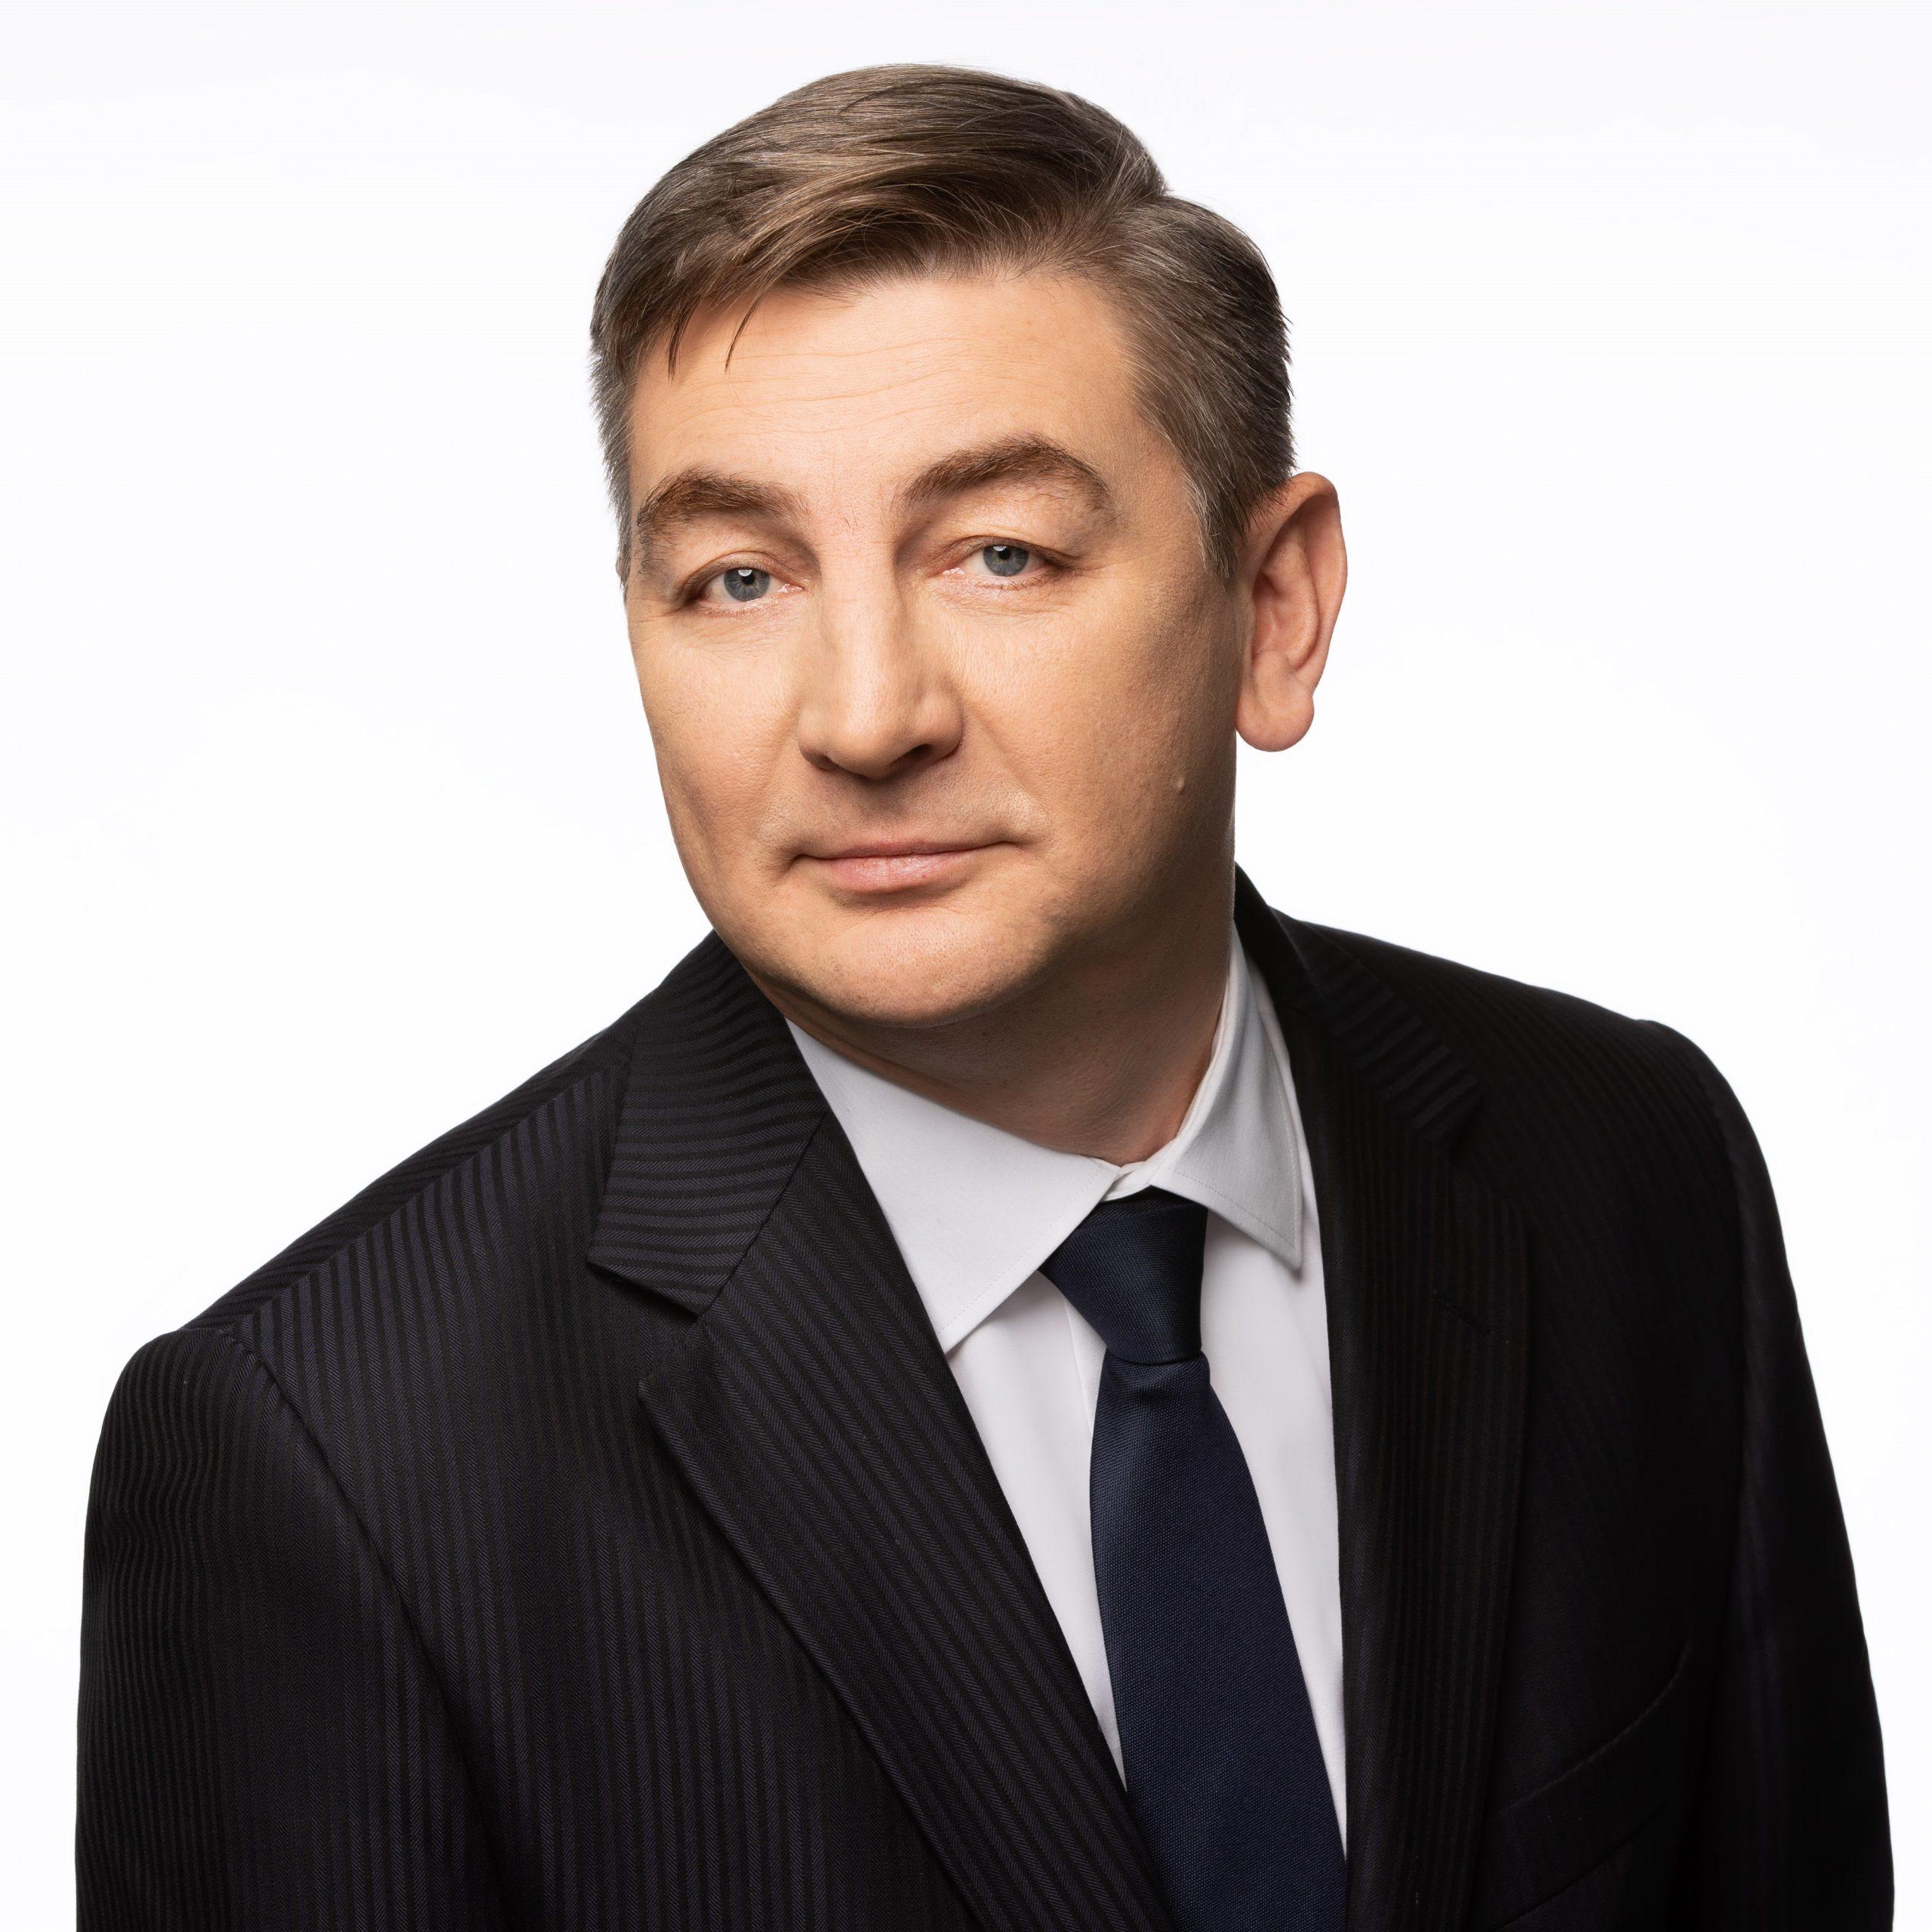 https://tundraadvisory.com/wp-content/uploads/2020/06/Mateusz-Toczyski-scaled.jpg